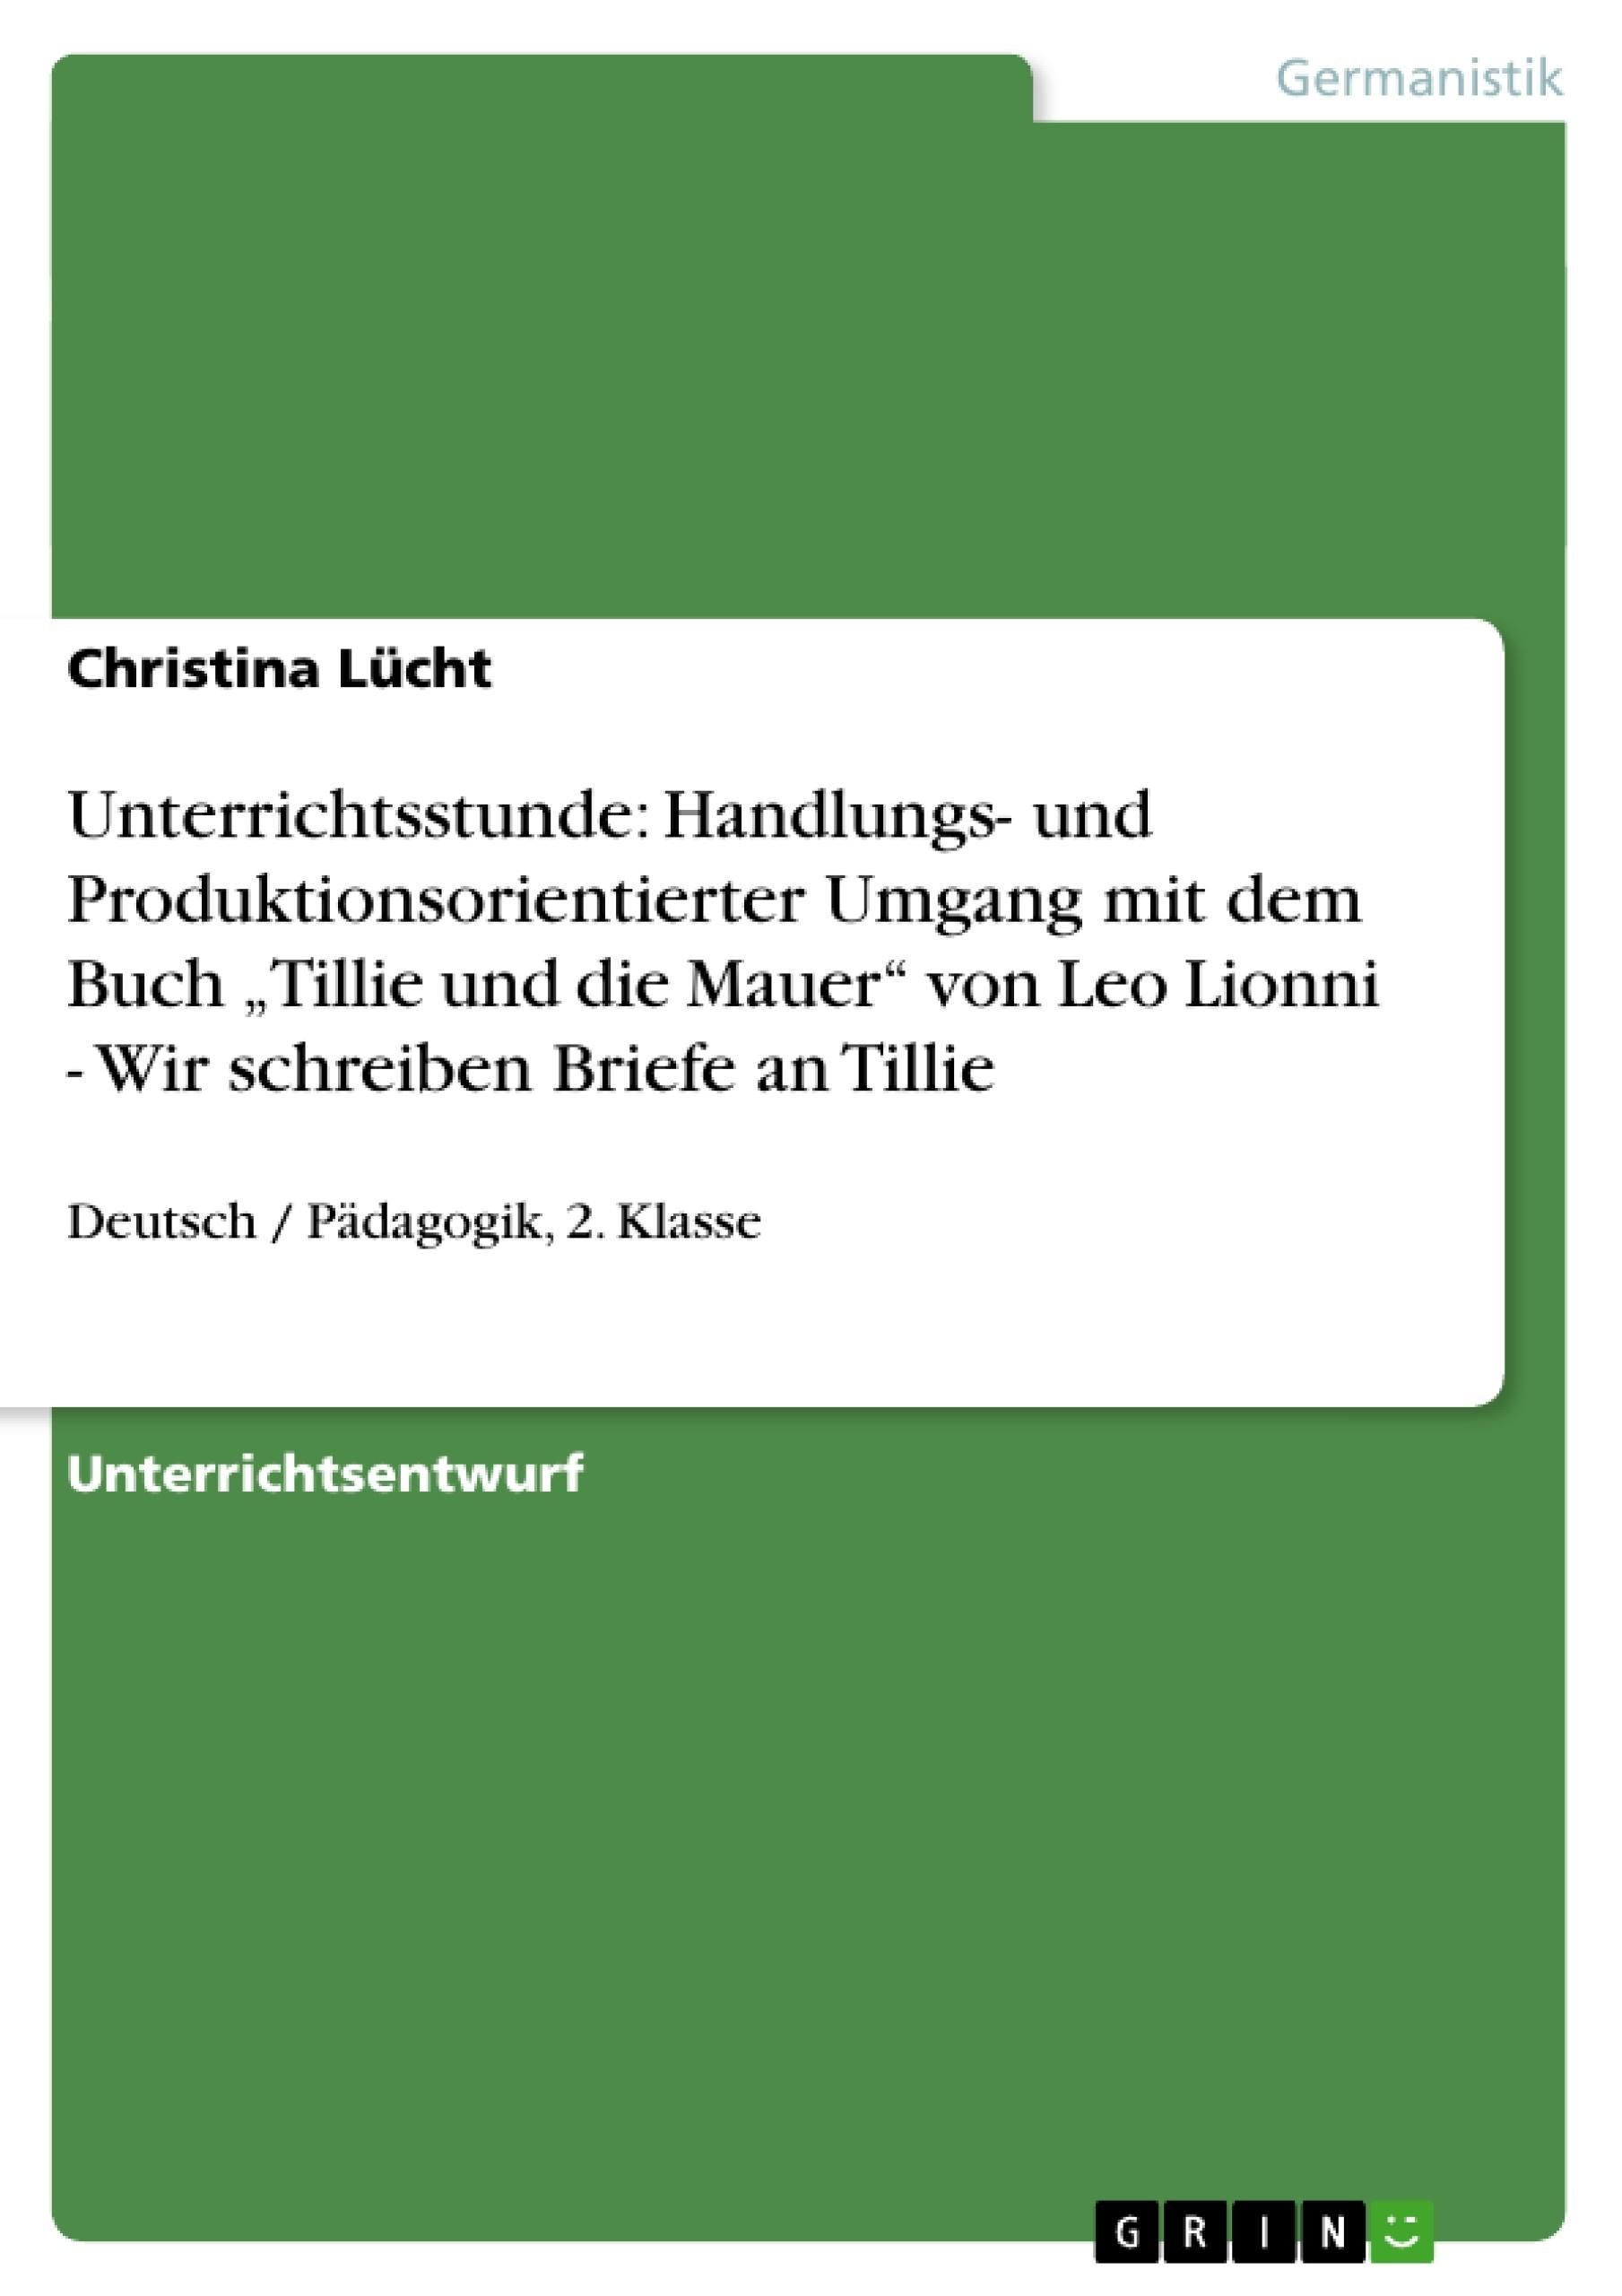 """Titel: Unterrichtsstunde: Handlungs- und Produktionsorientierter Umgang mit dem Buch """"Tillie und die Mauer"""" von Leo Lionni - Wir schreiben Briefe an Tillie"""